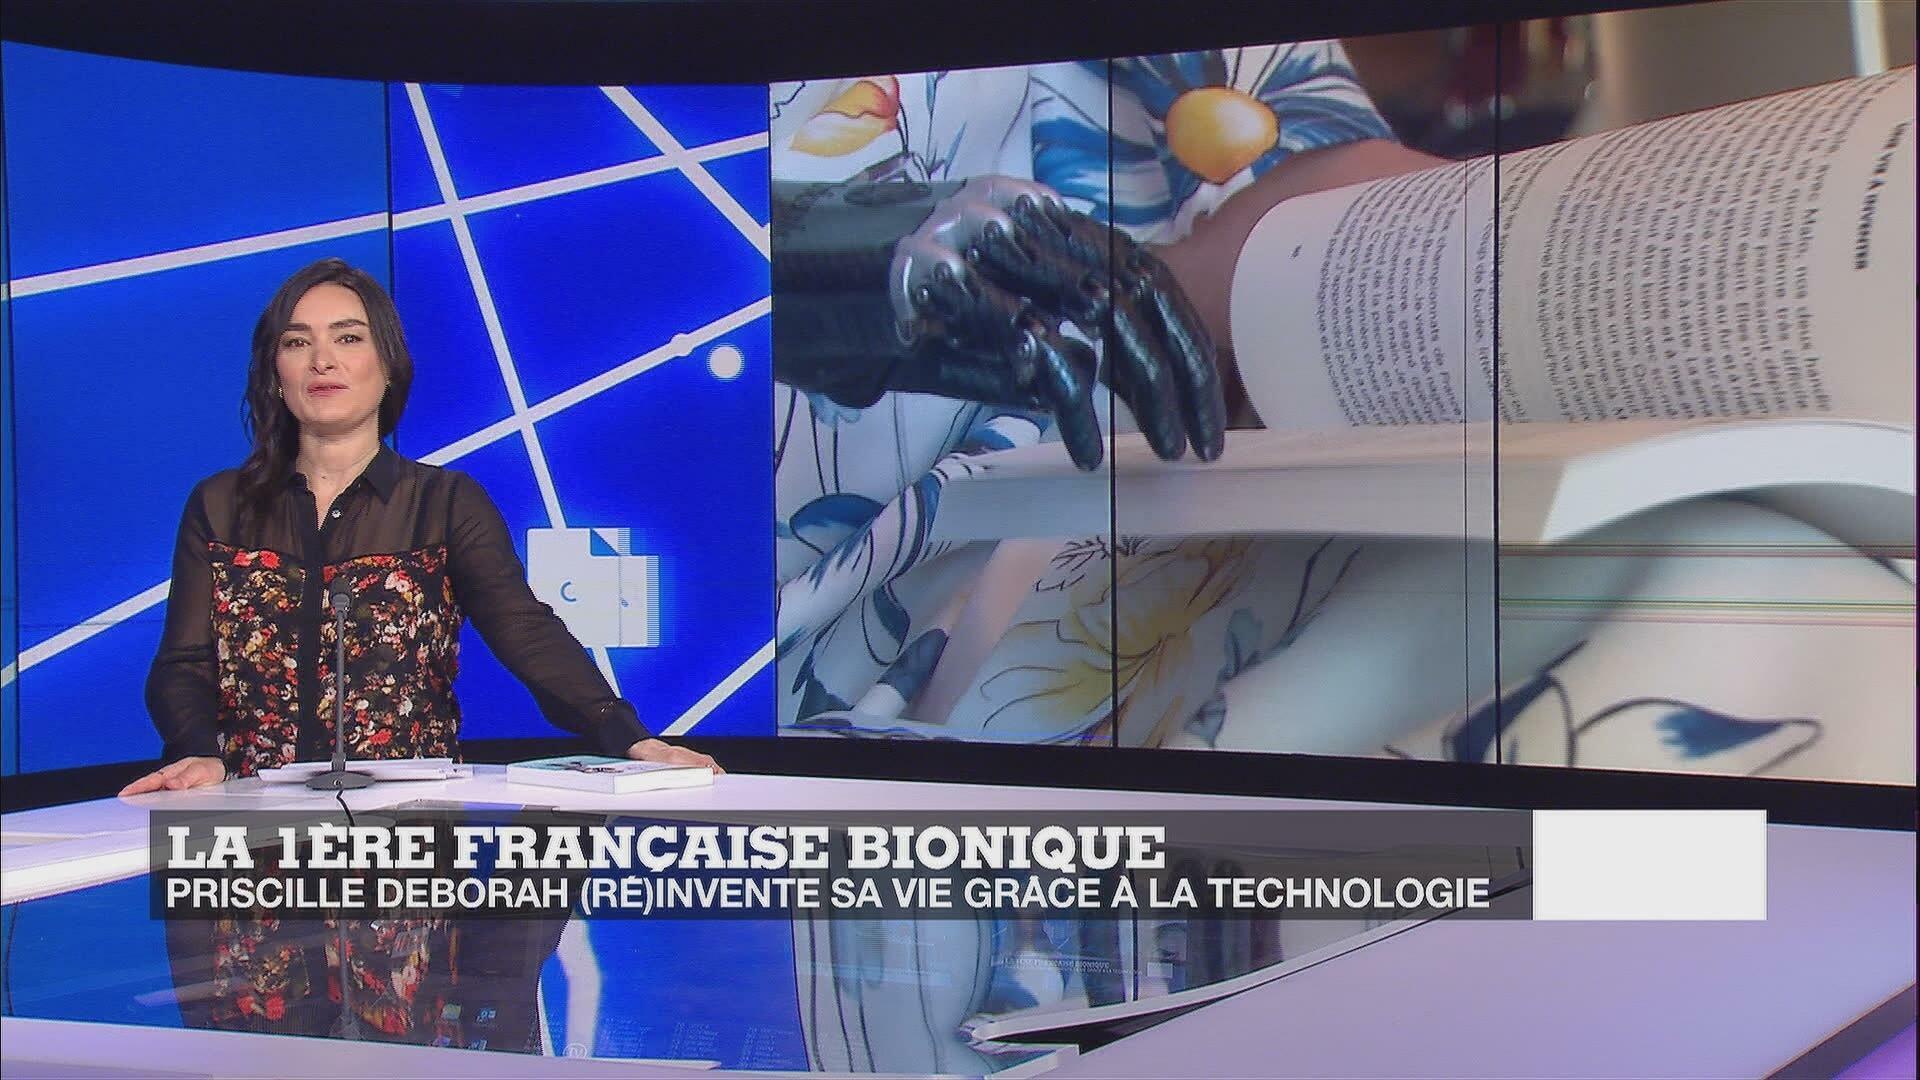 Une vie bionique : la Française Priscille Deborah commande son bras par la pensée